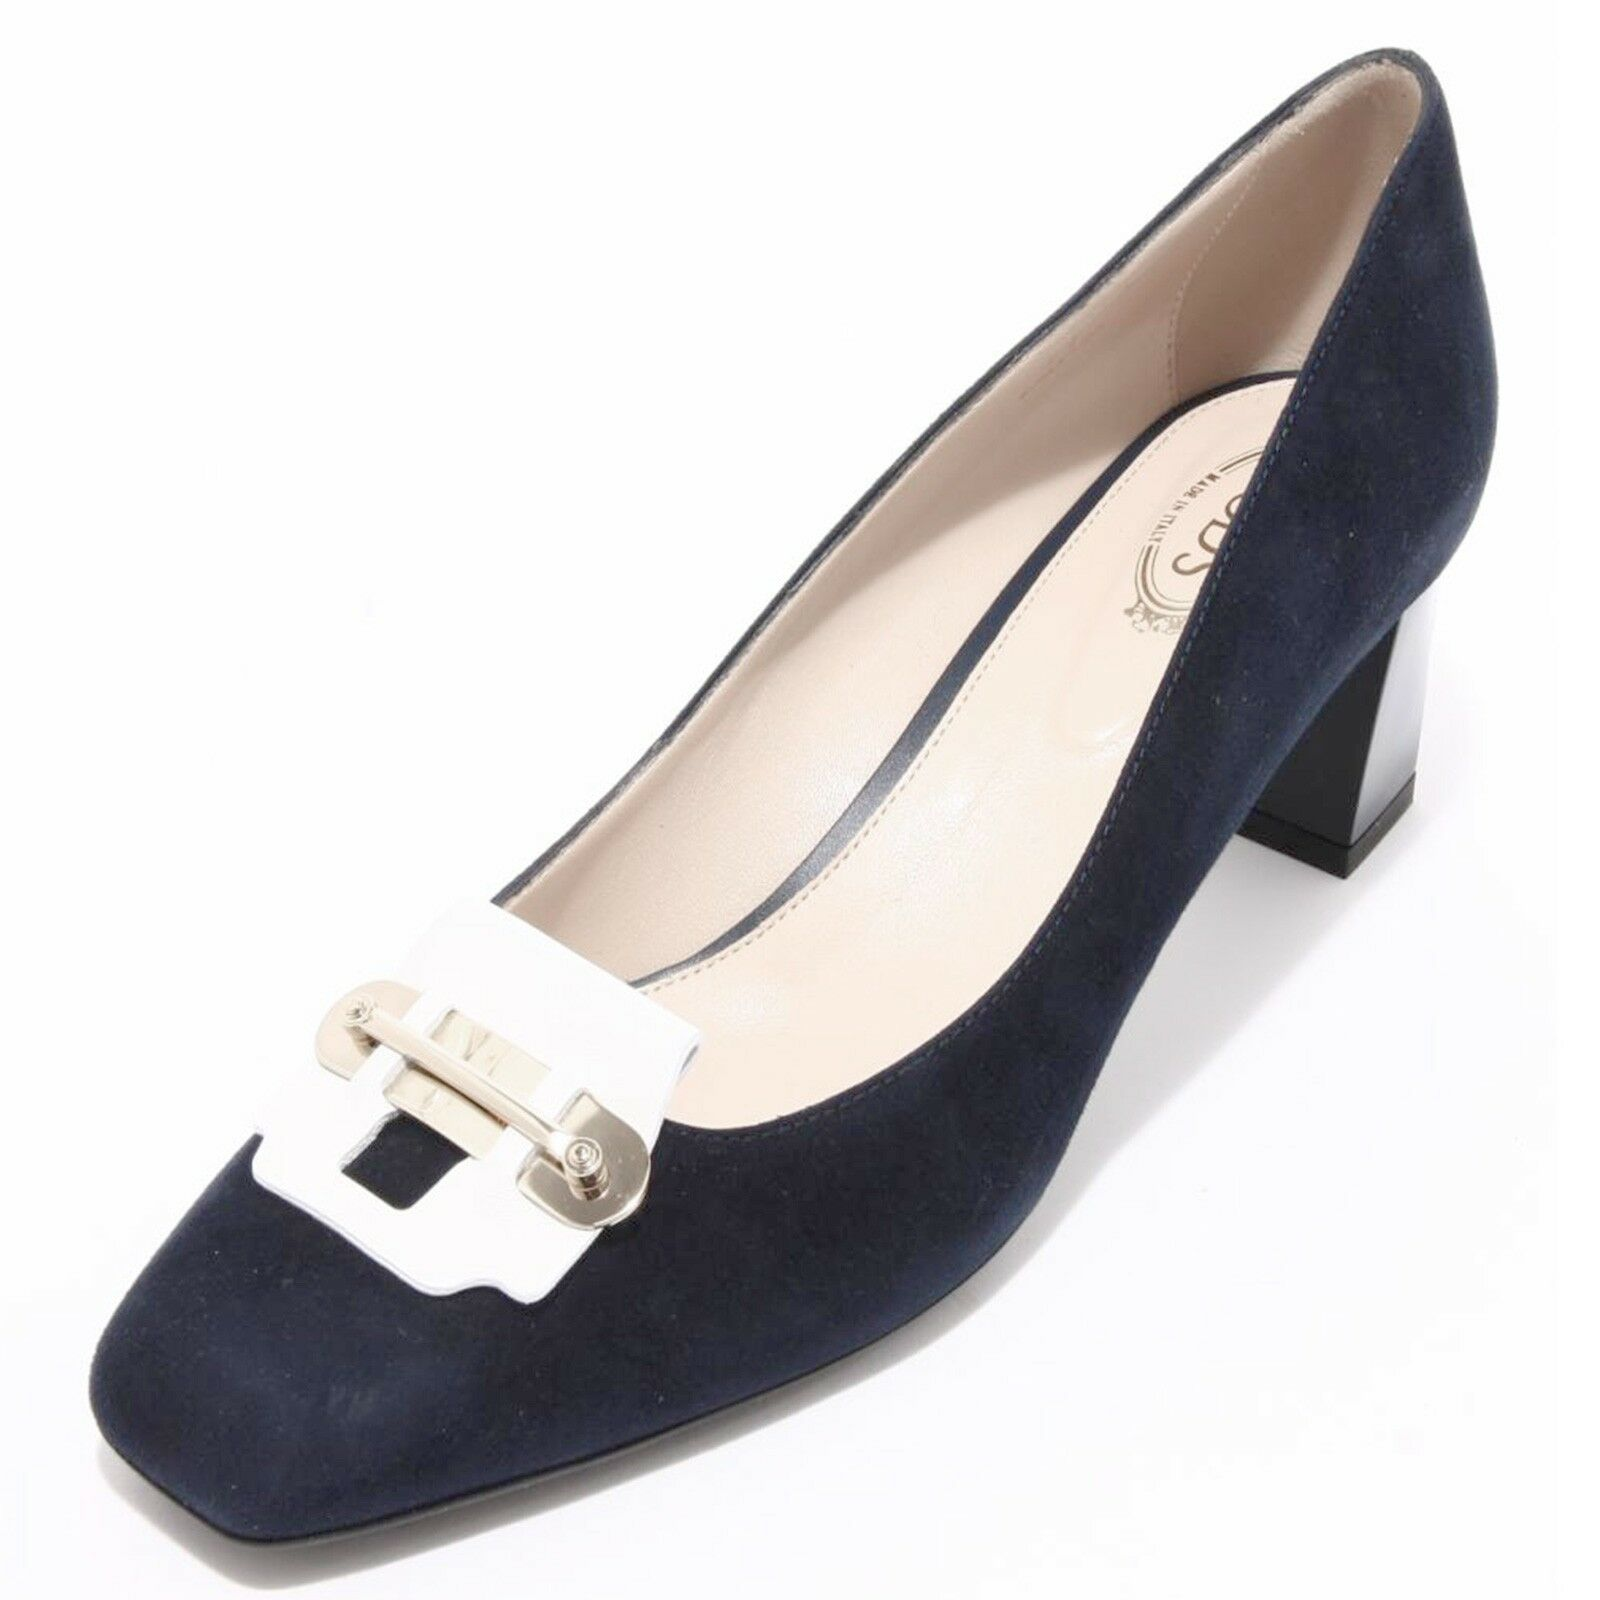 94207 decollete TOD'S GOMMA T55 SU LINGOTTO PIASTRA scarpa donna scarpe donna   Qualità Affidabile    Scolaro/Signora Scarpa